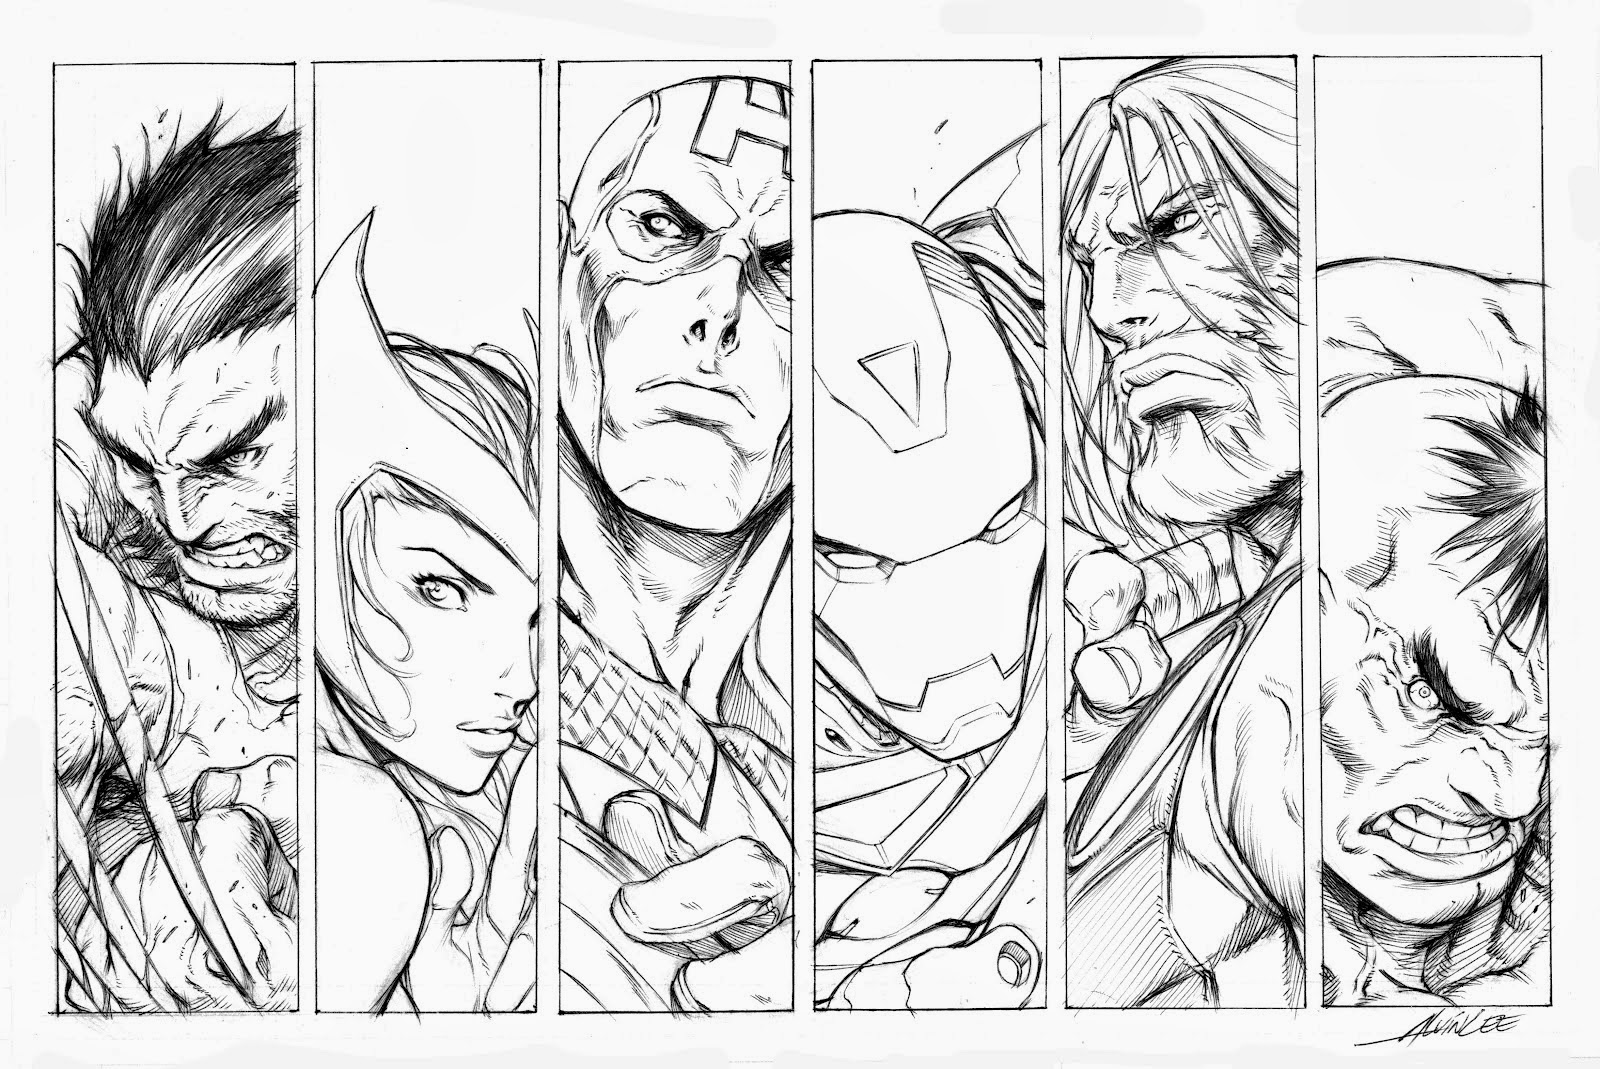 imagens para colorir dos vingadores - Desenhos de Avengers Os Vingadores para colorir jogos